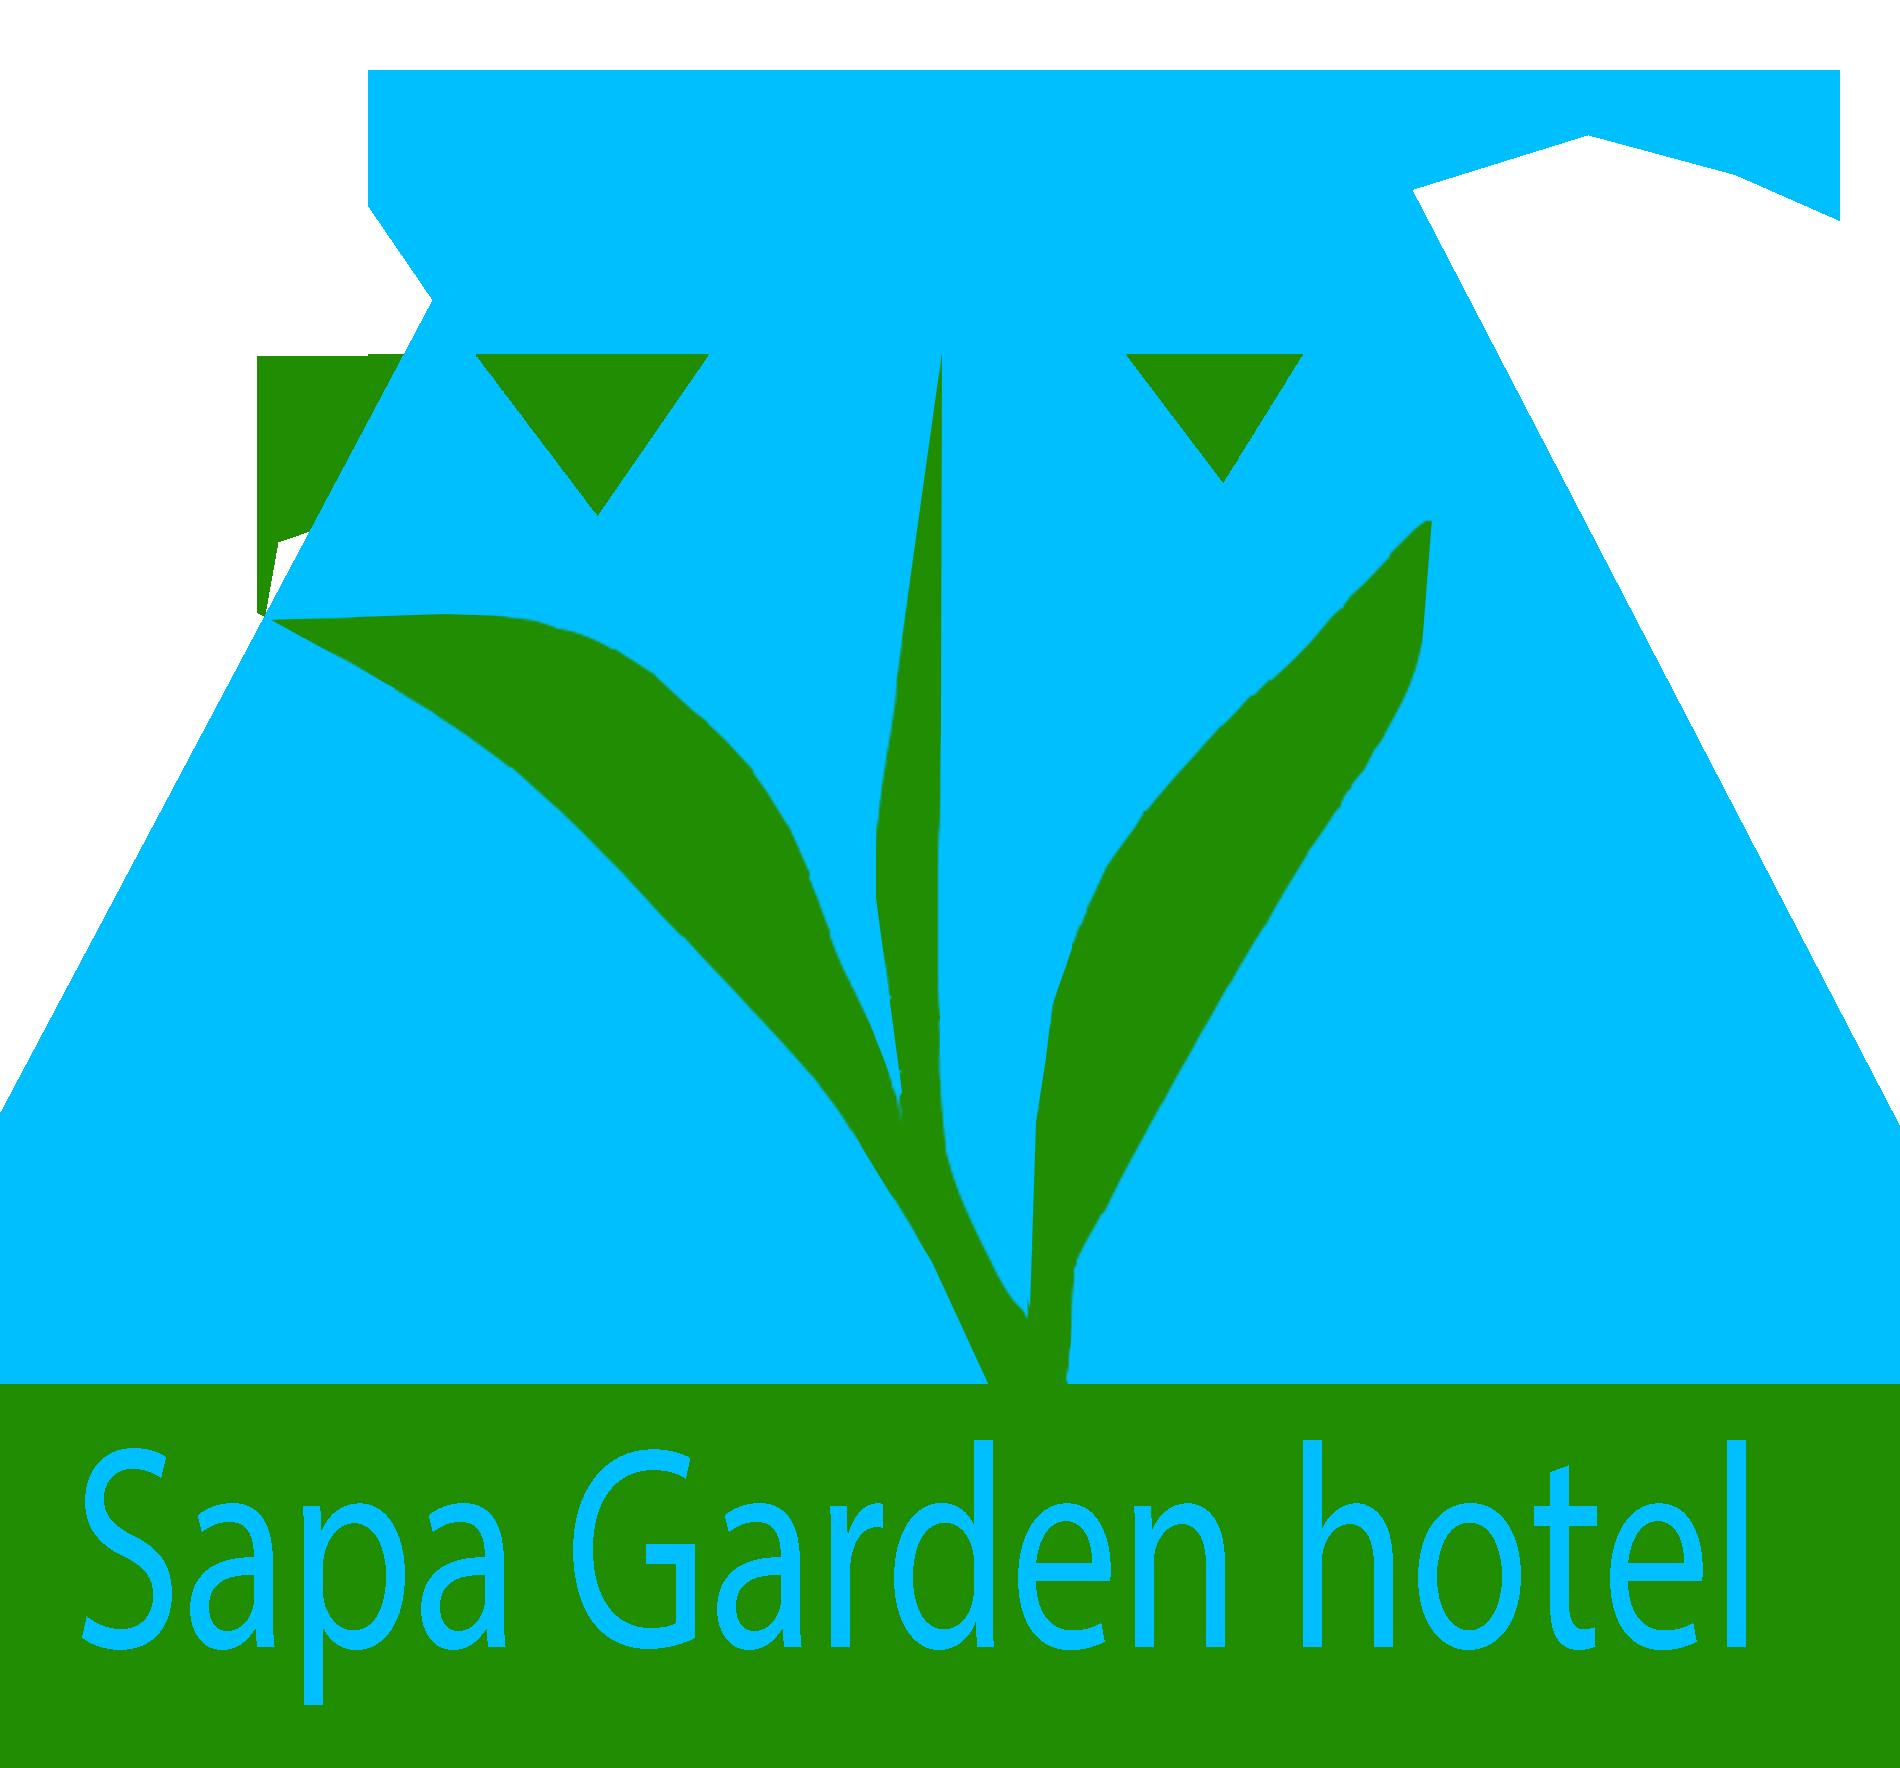 Sapa Garden Hotel